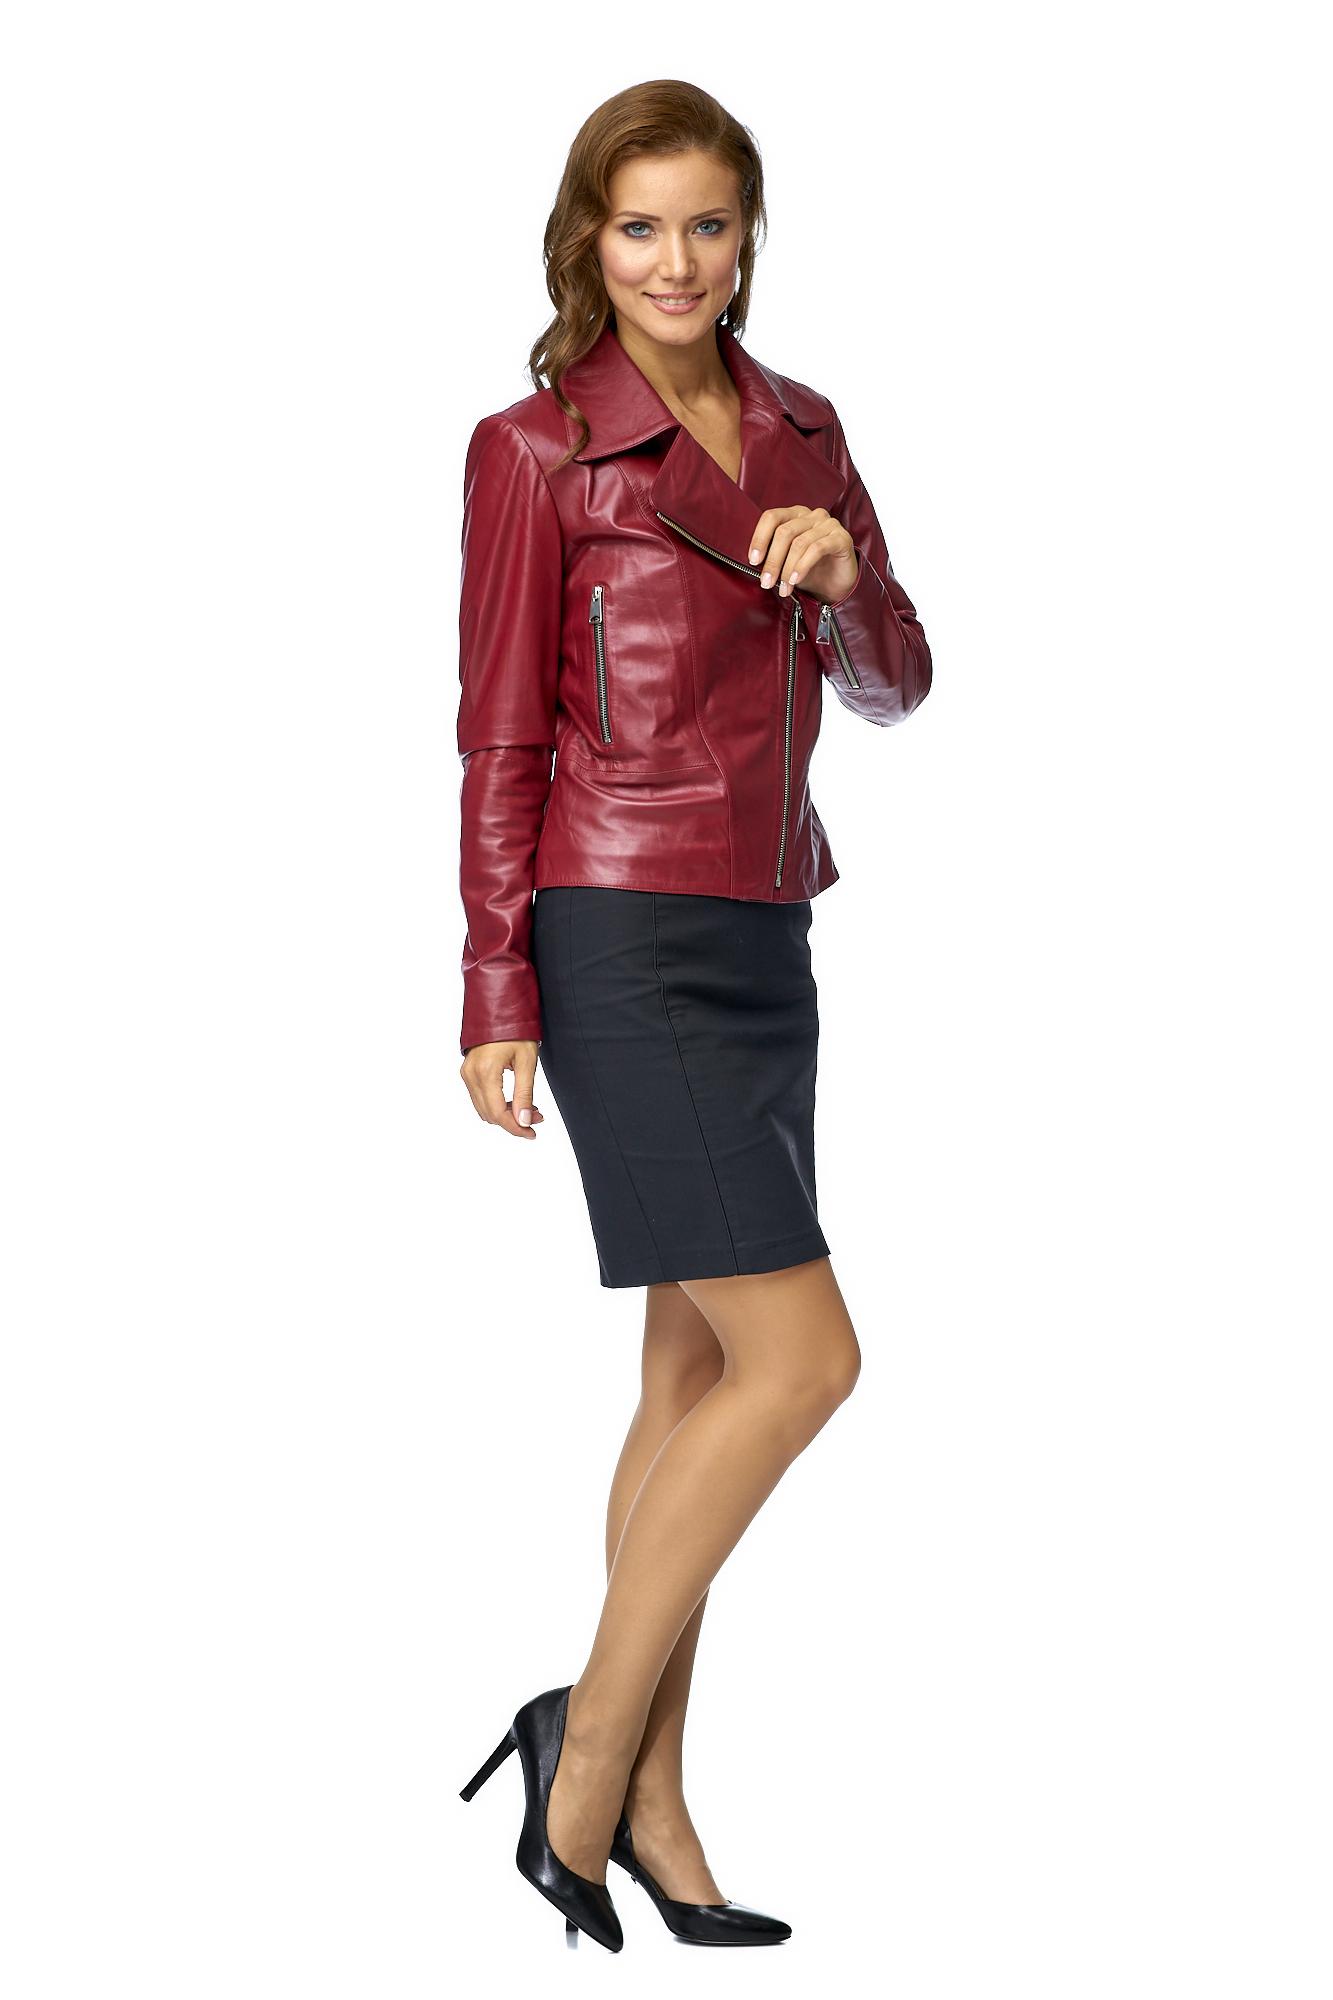 Купить Женская кожаная куртка из натуральной кожи, МОСМЕХА, красный, Кожа натуральная, 8002350